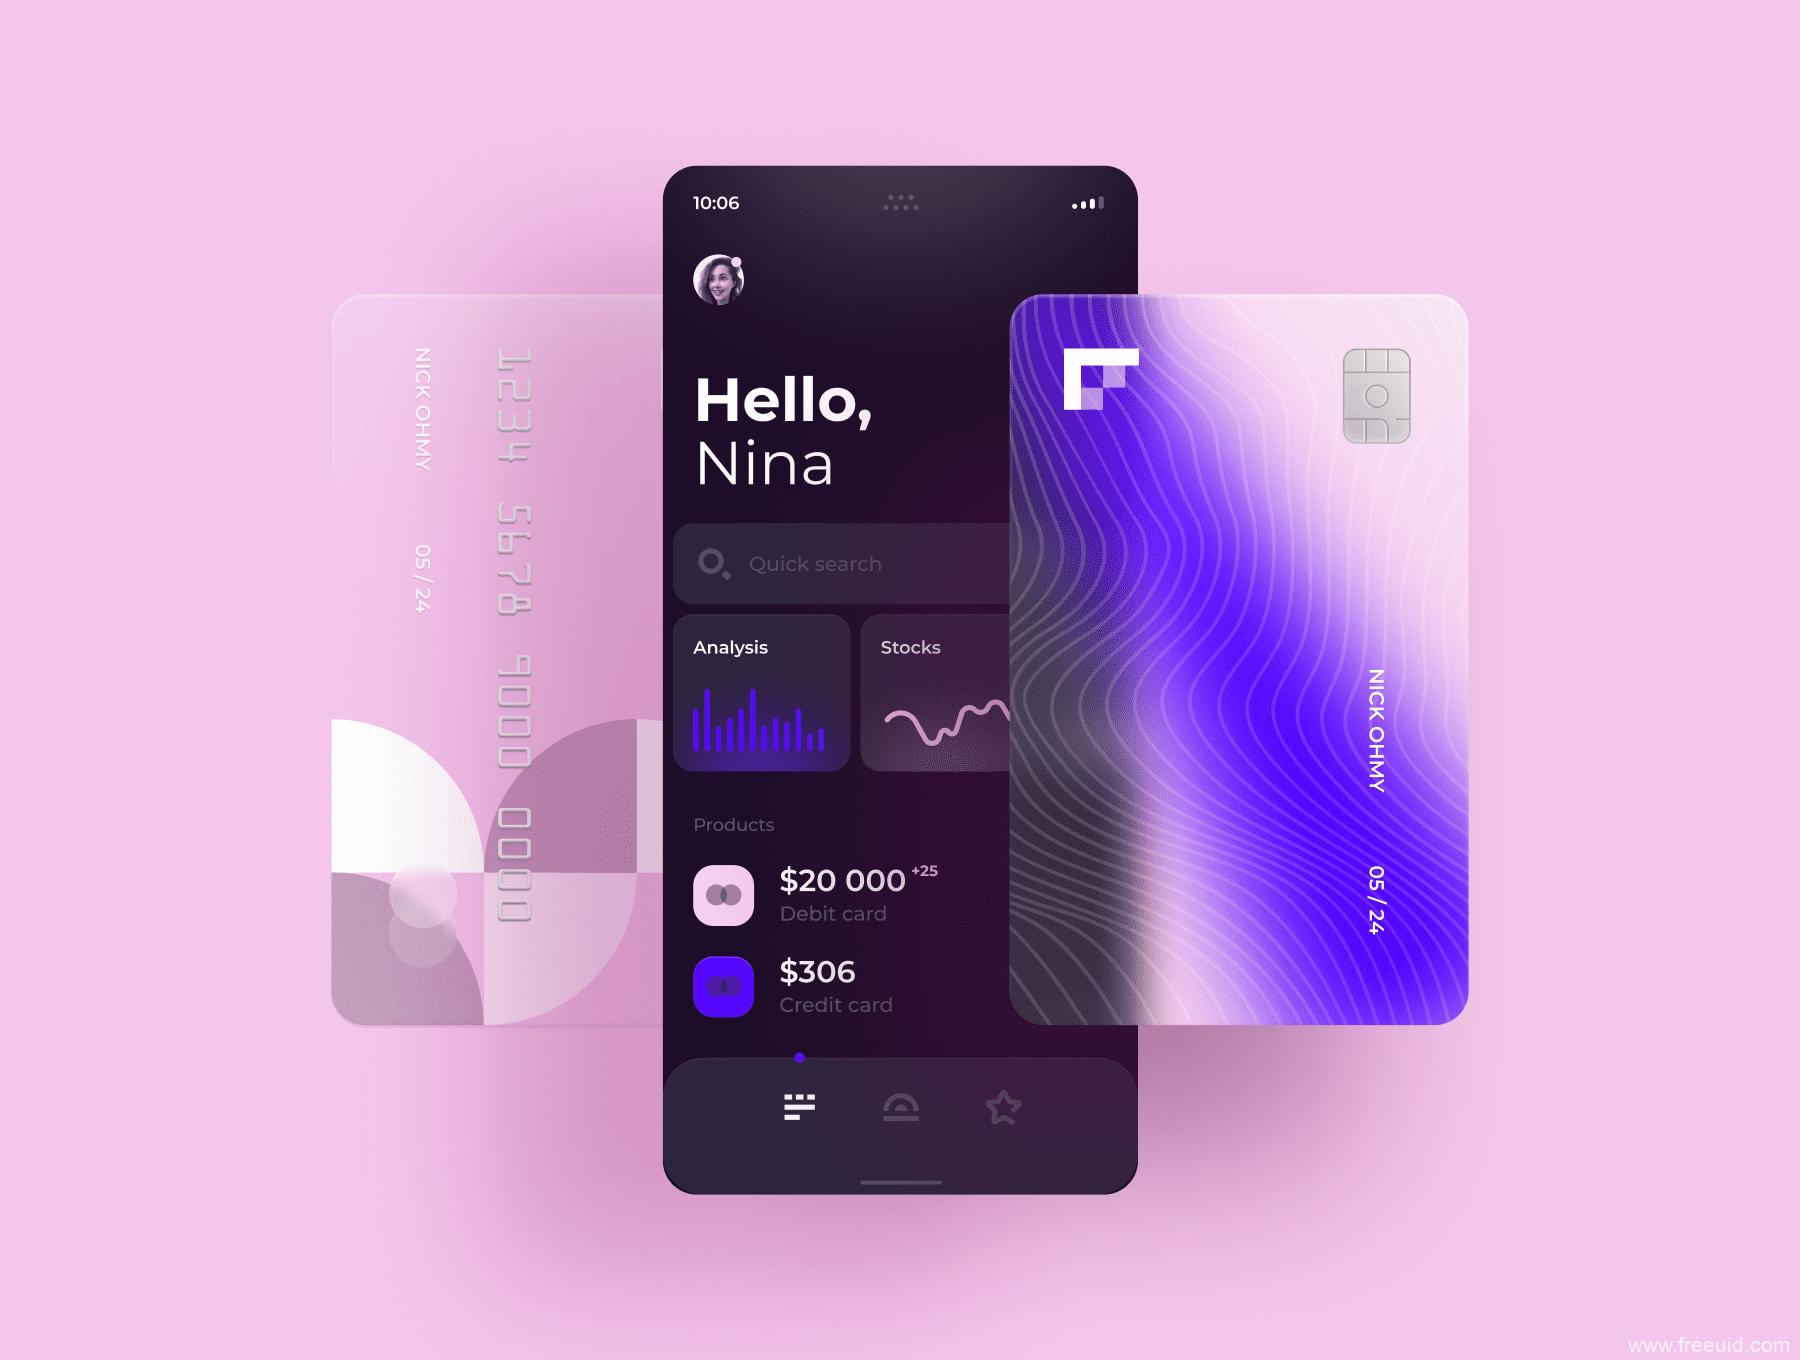 一套毛玻璃质感银行卡样机mockup源文件下载,信用卡样机figma原文件